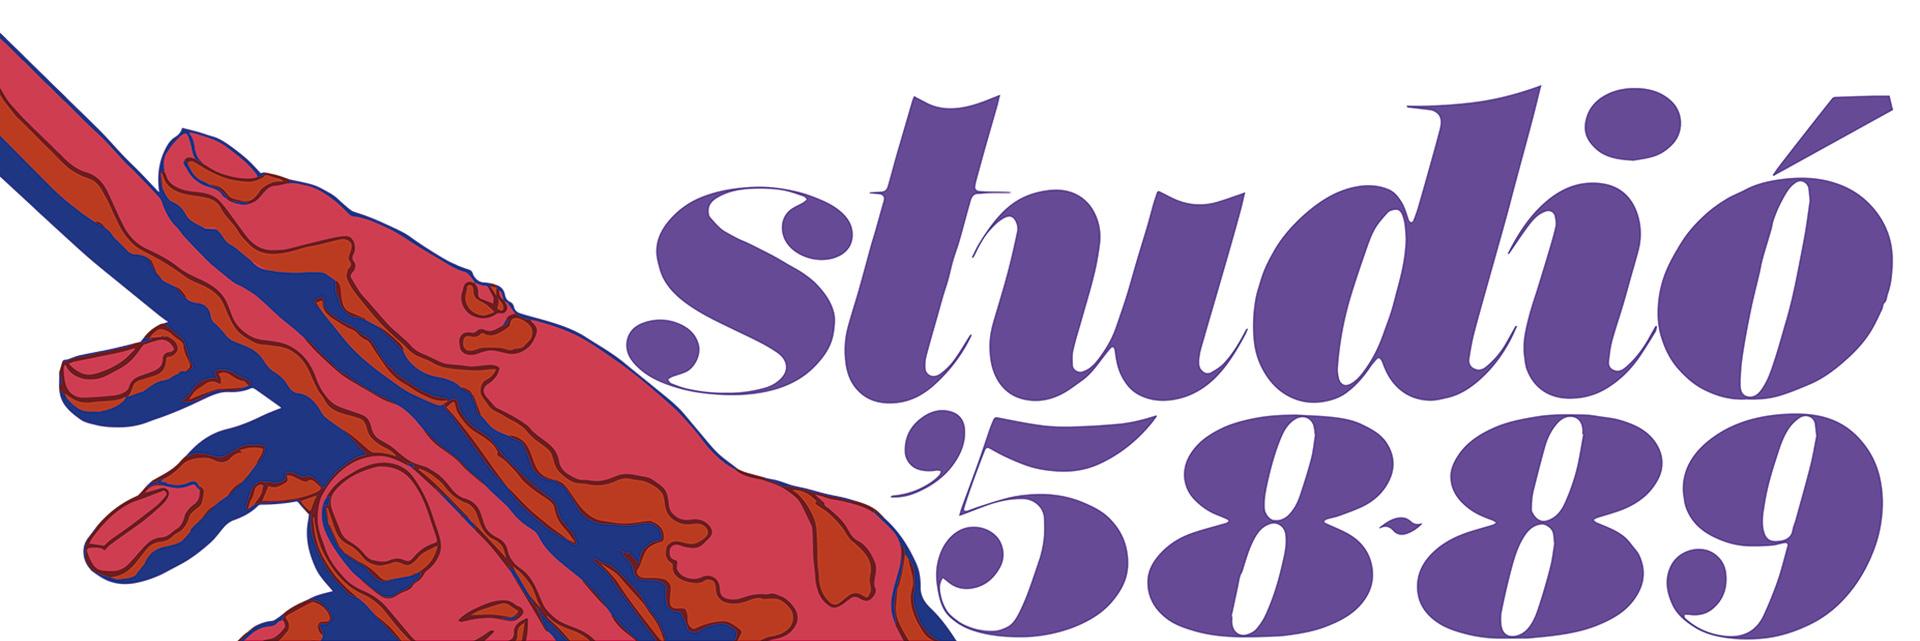 kemeny-gyorgy-studio-58-89